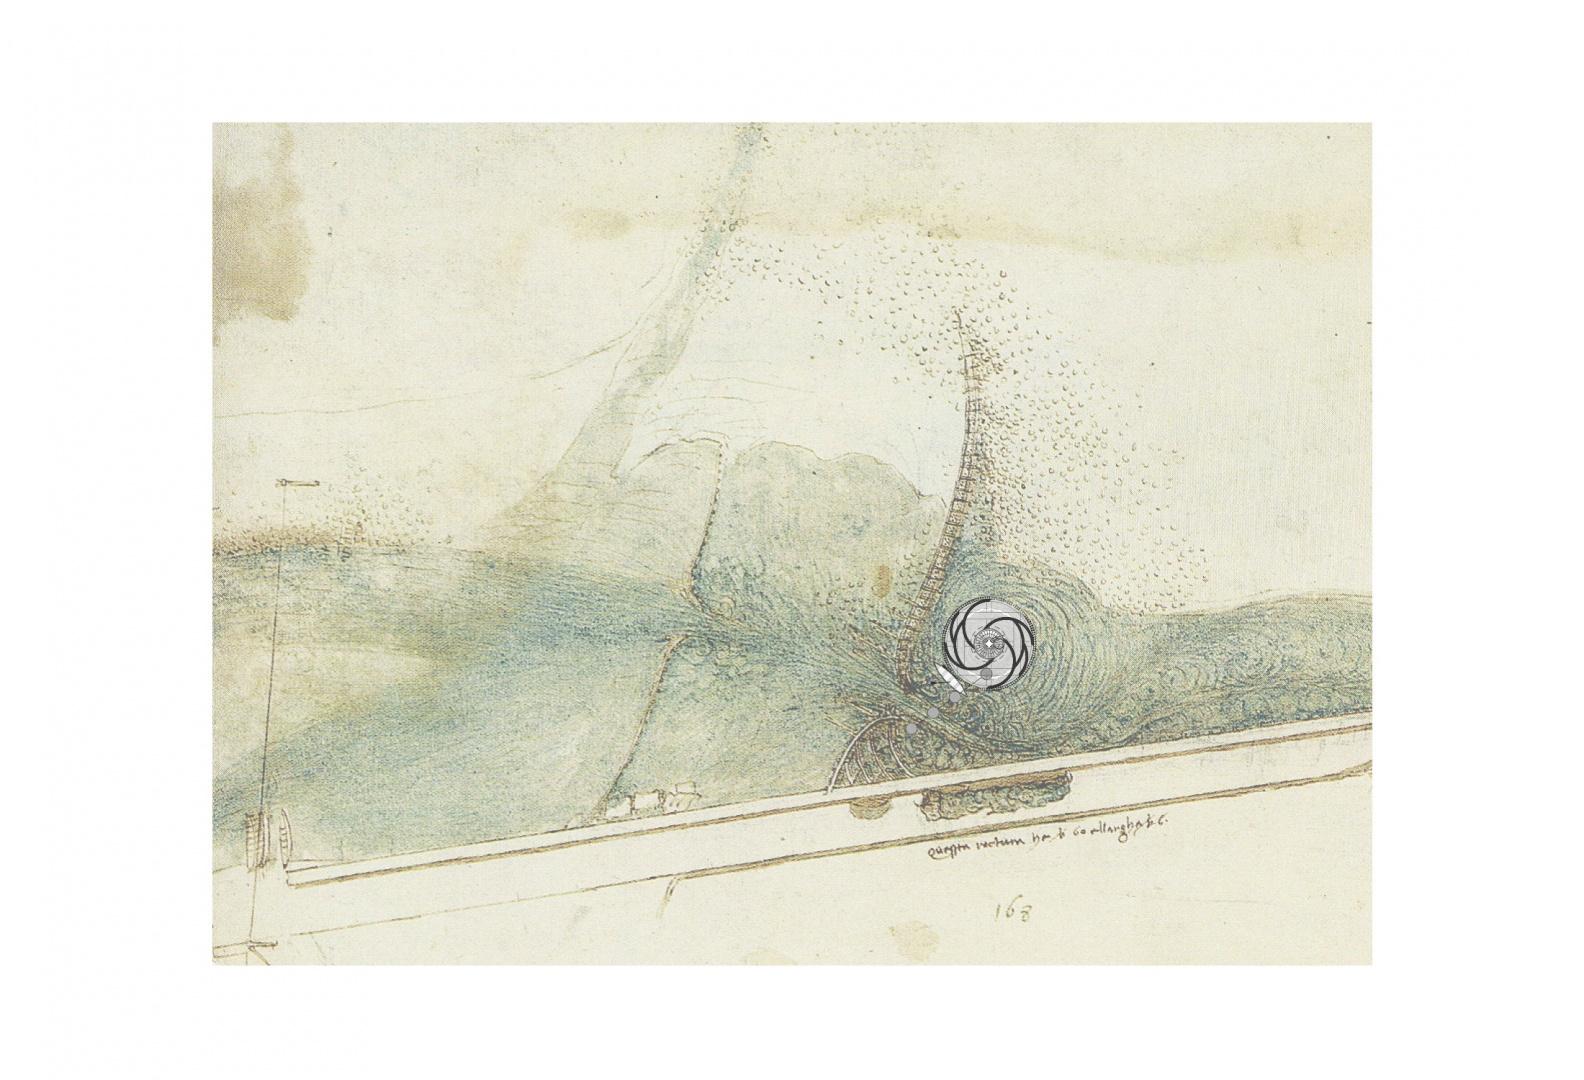 Sandort I Fluss Arno, Toskana © Barbara Ruech I Zöllner, F., & Nathan, J. (2003). Leonardo da Vinci I Das zeichnerische Werk I Band II. Taschen.